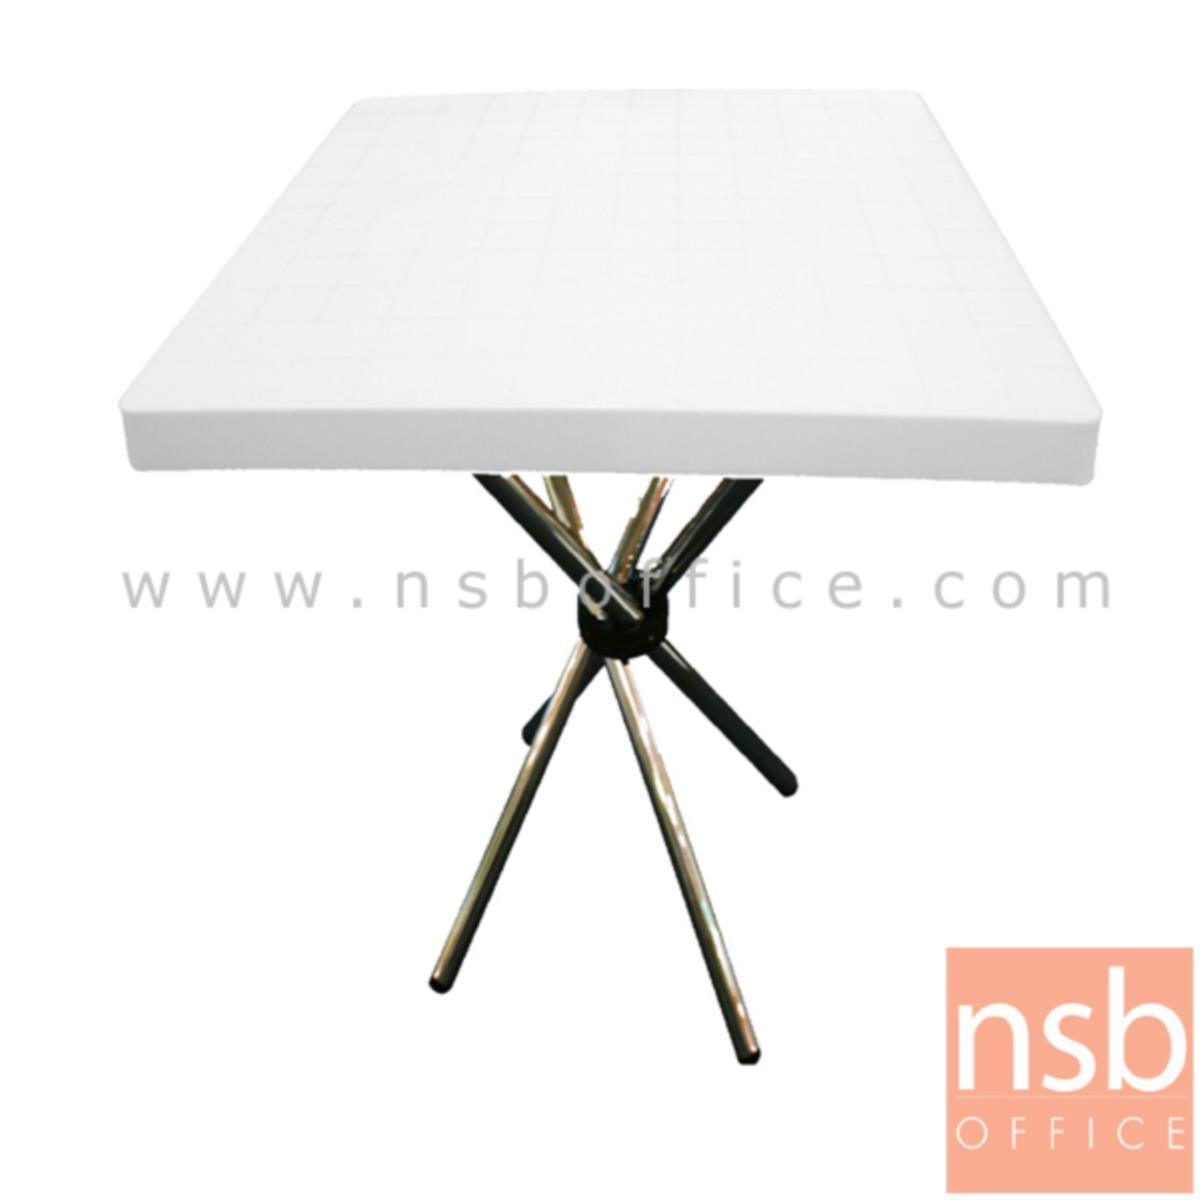 A09A102:โต๊ะหน้าพลาสติก(ABS) รุ่น PP94064  ขนาด 80Di cm.  ขาเหล็กชุบโครเมี่ยม